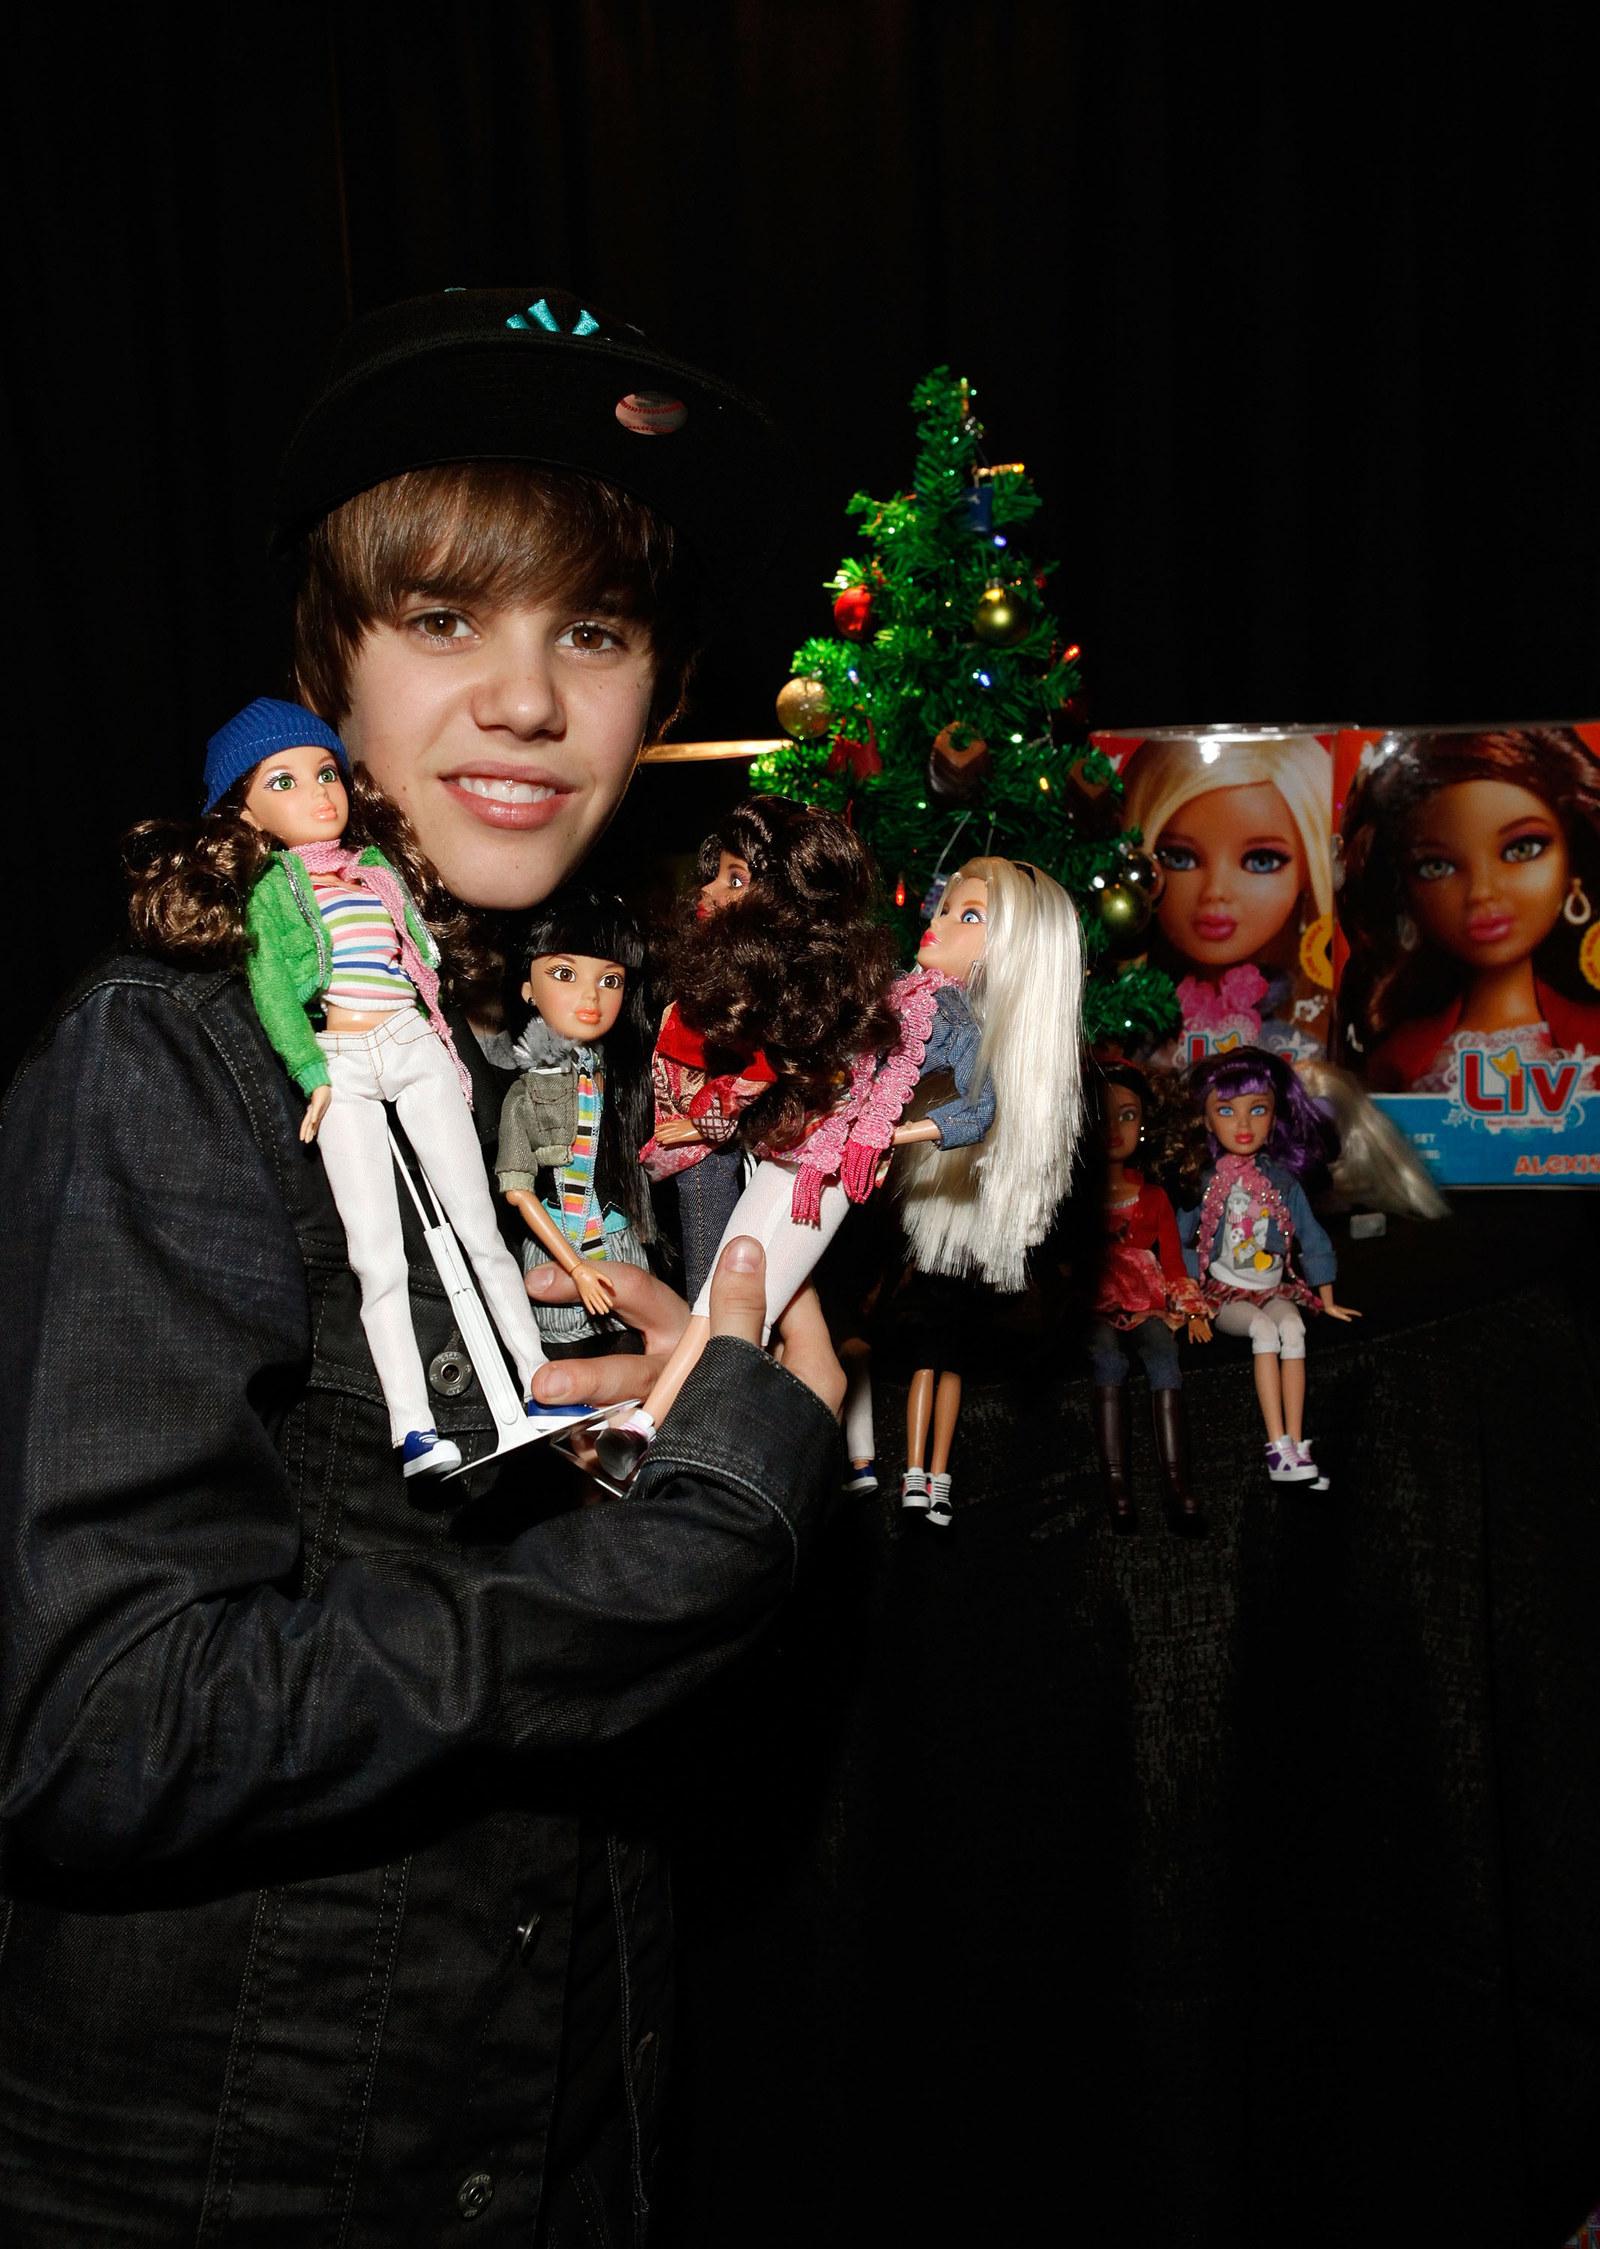 Justin Bieber and some Bratz Dolls.